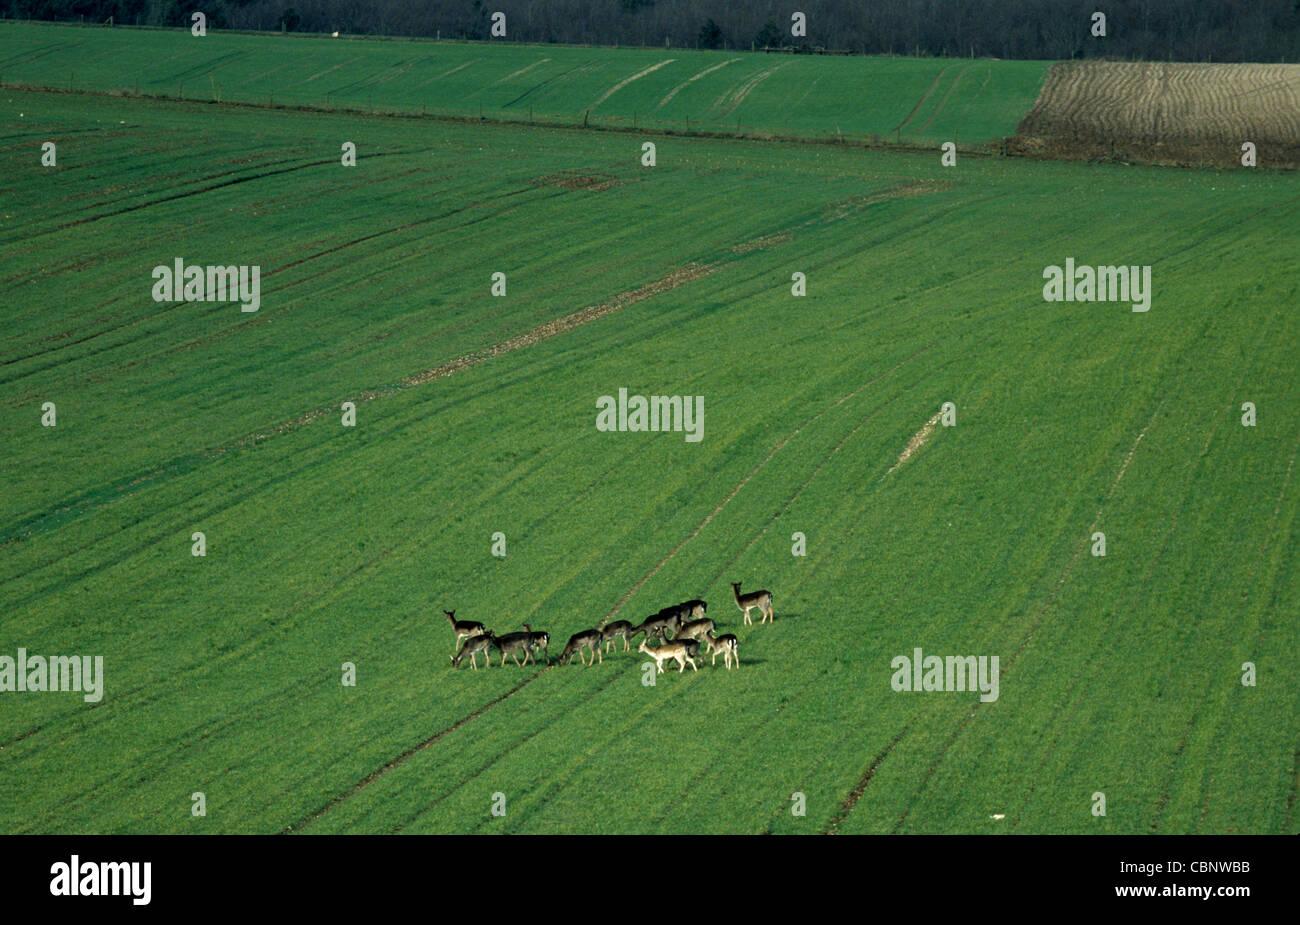 Eine Herde Rehe in einer jungen Weizenernte Stockbild